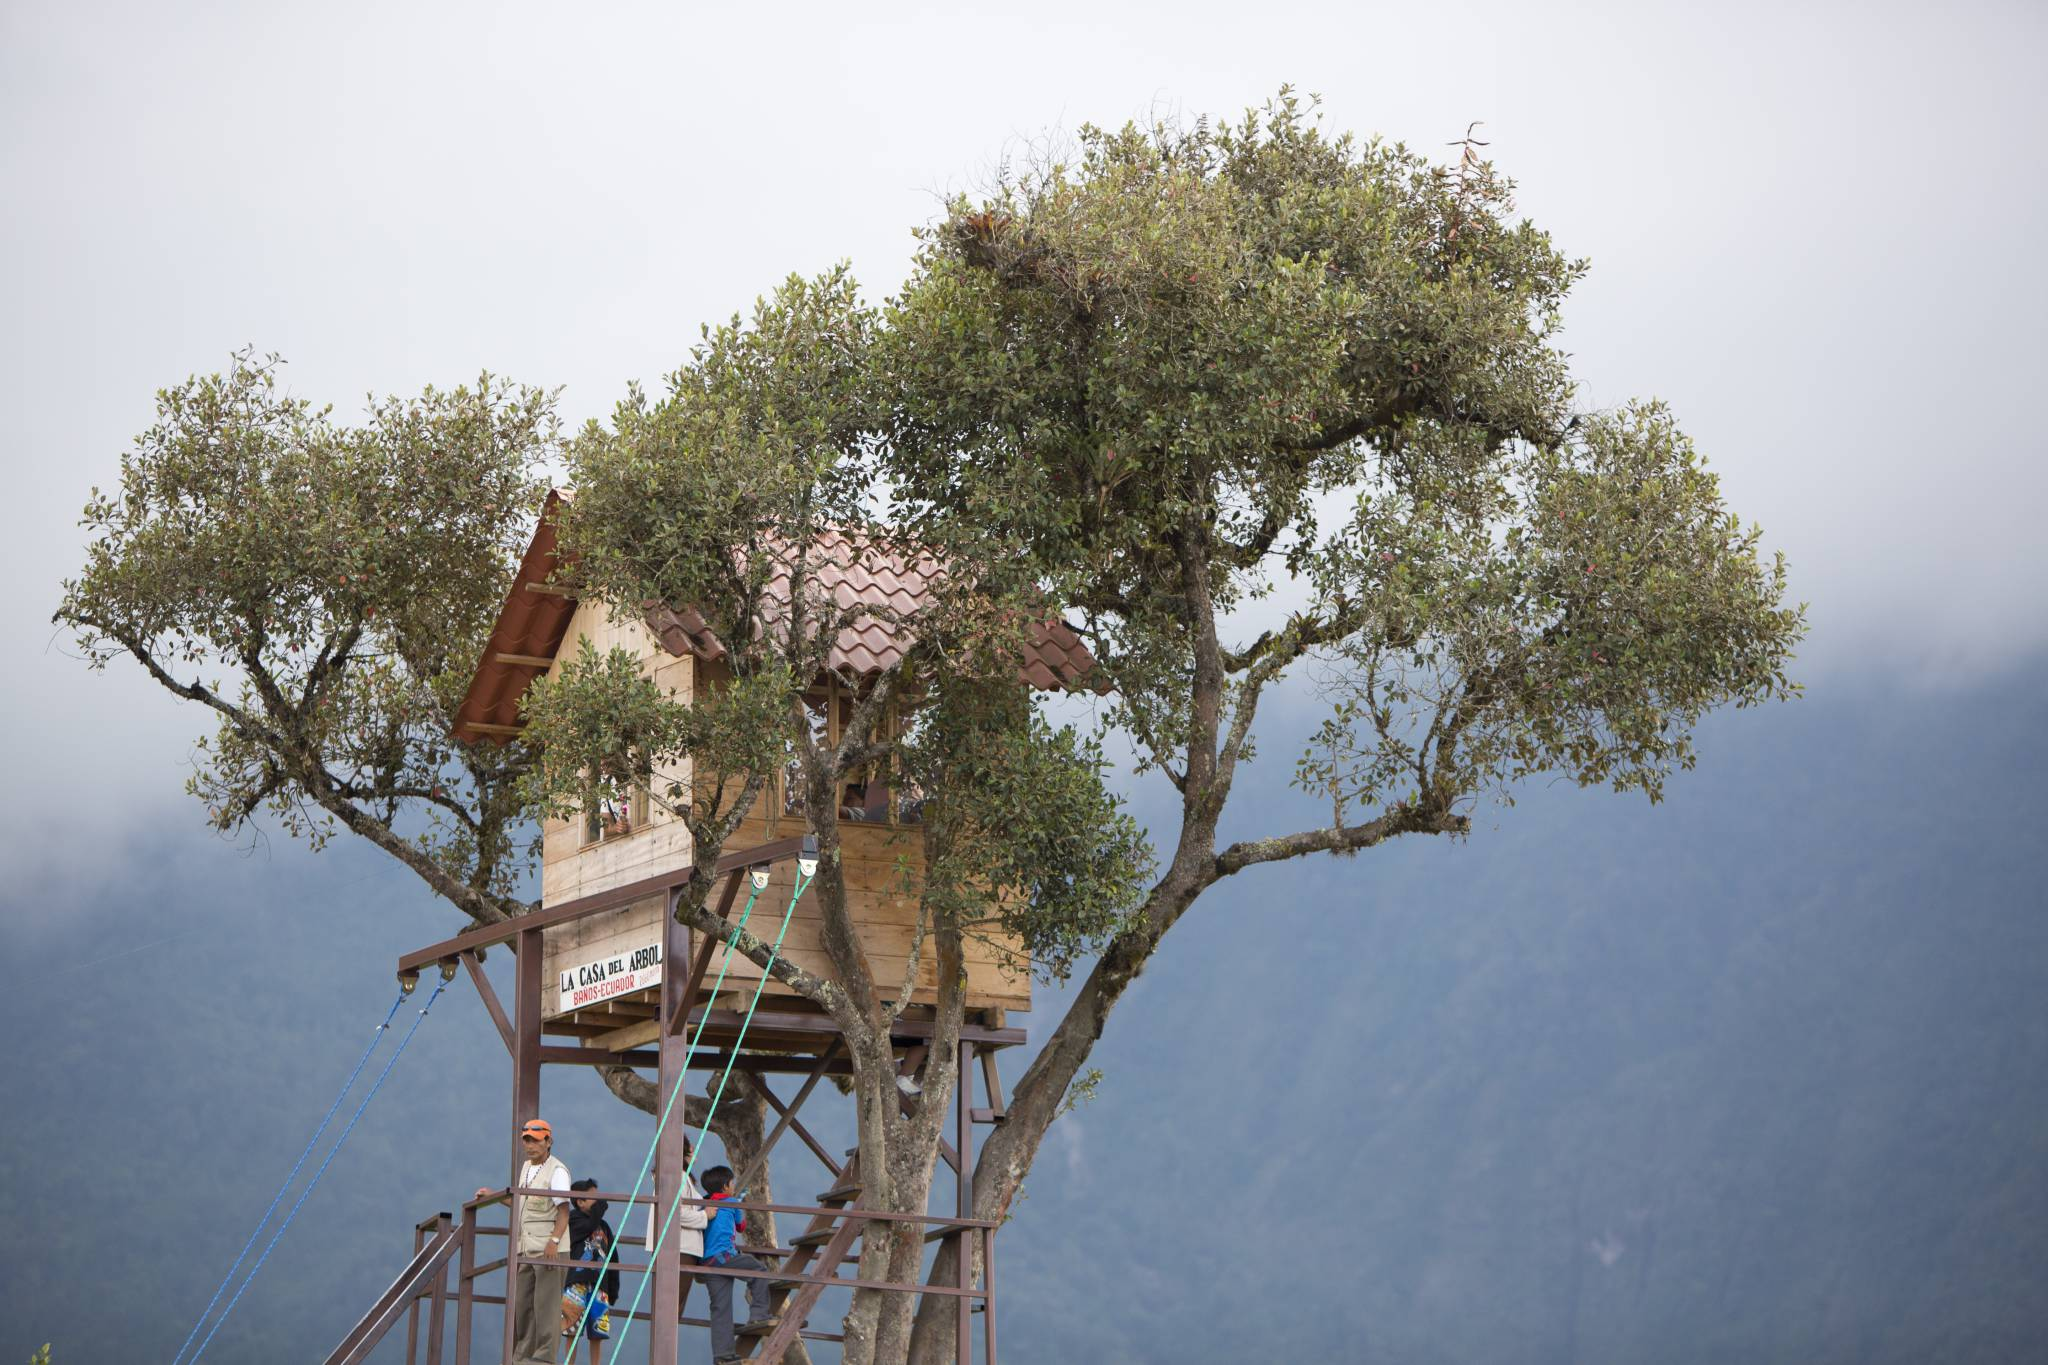 Domki na drzewie